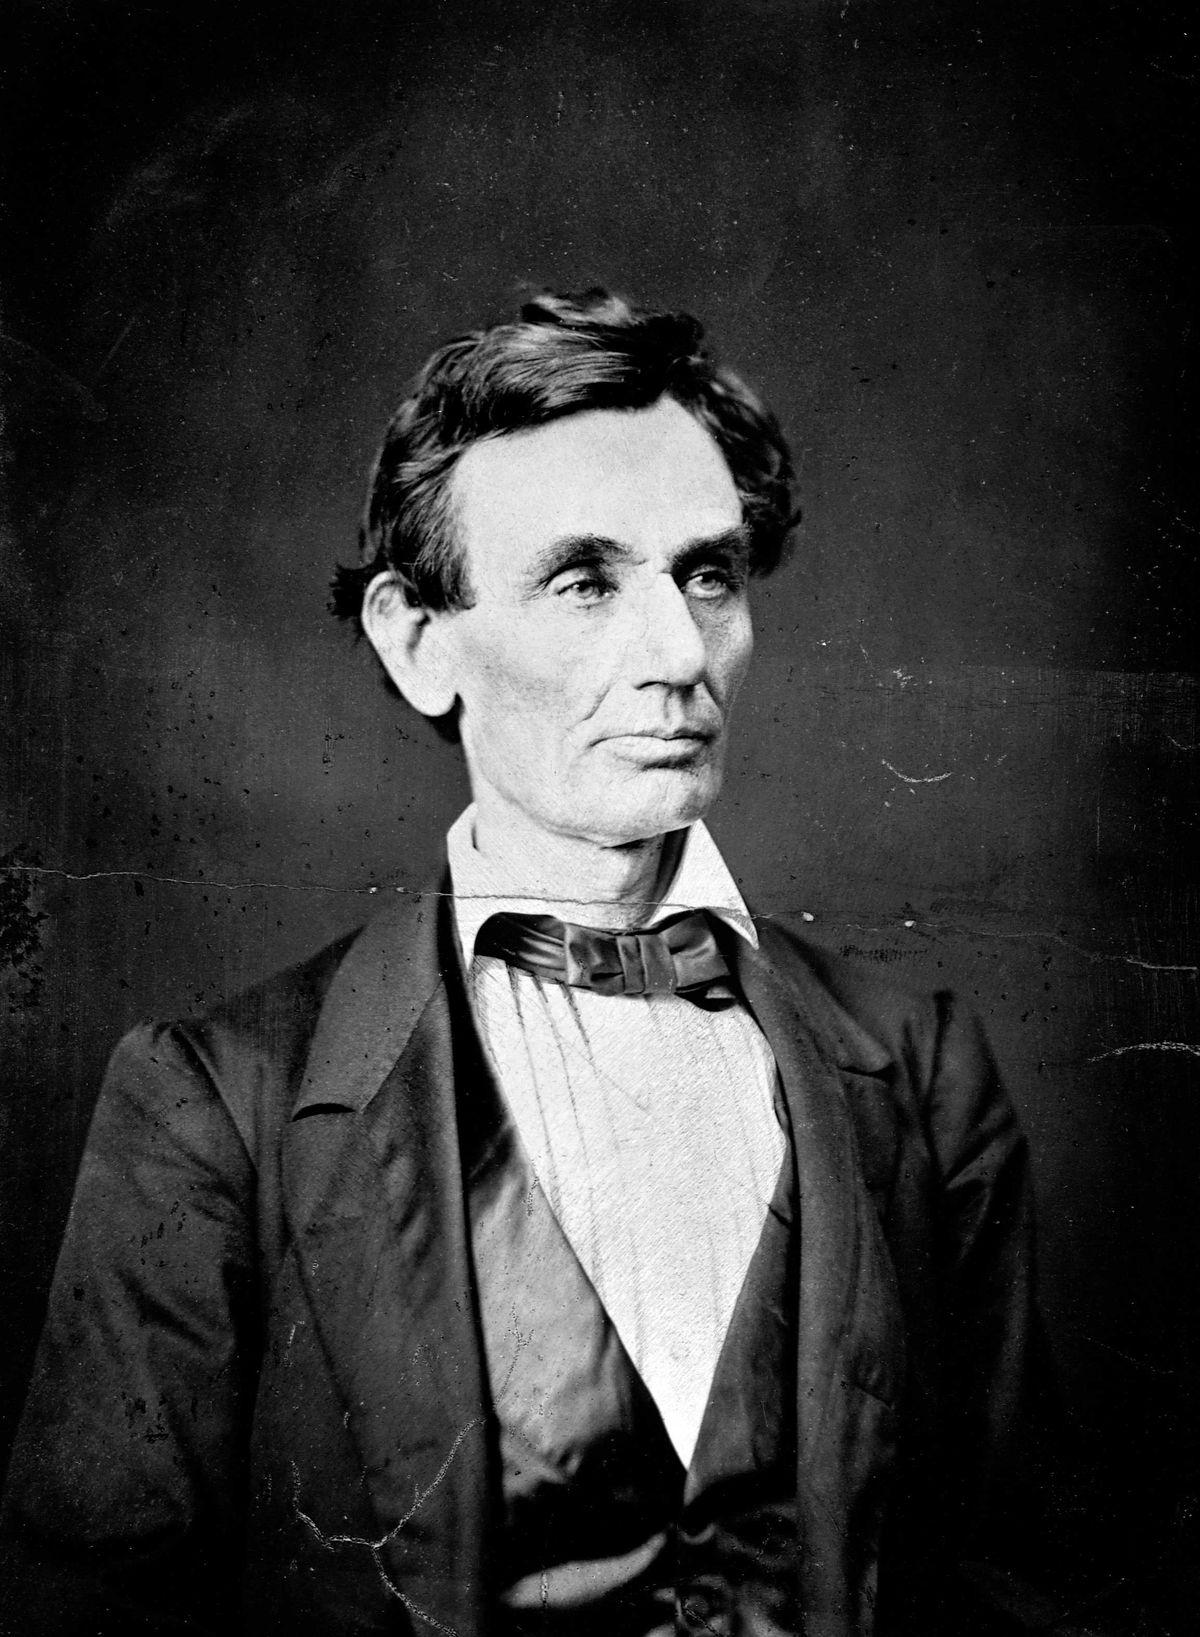 A portrait of Abraham Lincoln circa 1860.